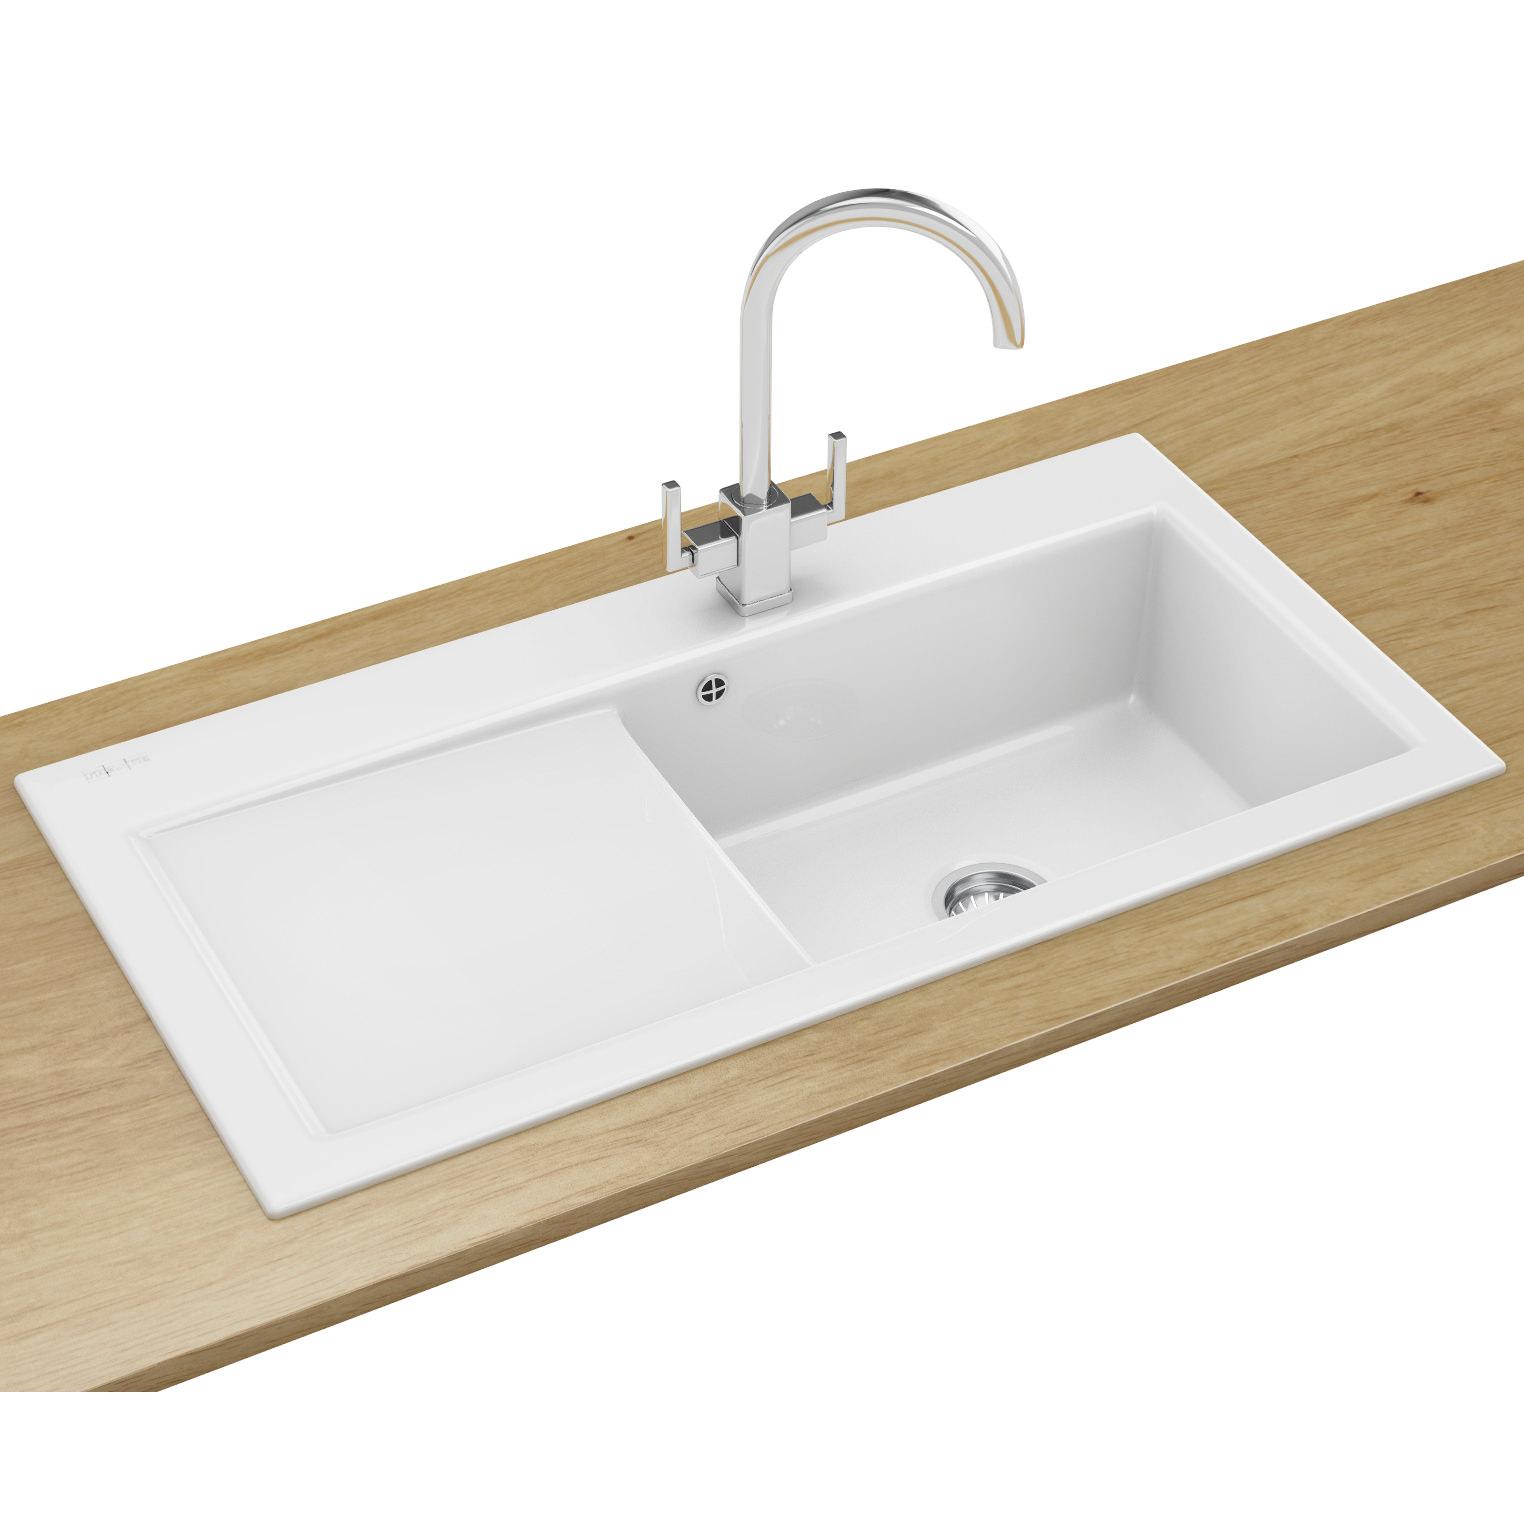 Designer Bathroom Sink Franke Mythos Designer Pack Mtk 611 Ceramic White Sink And